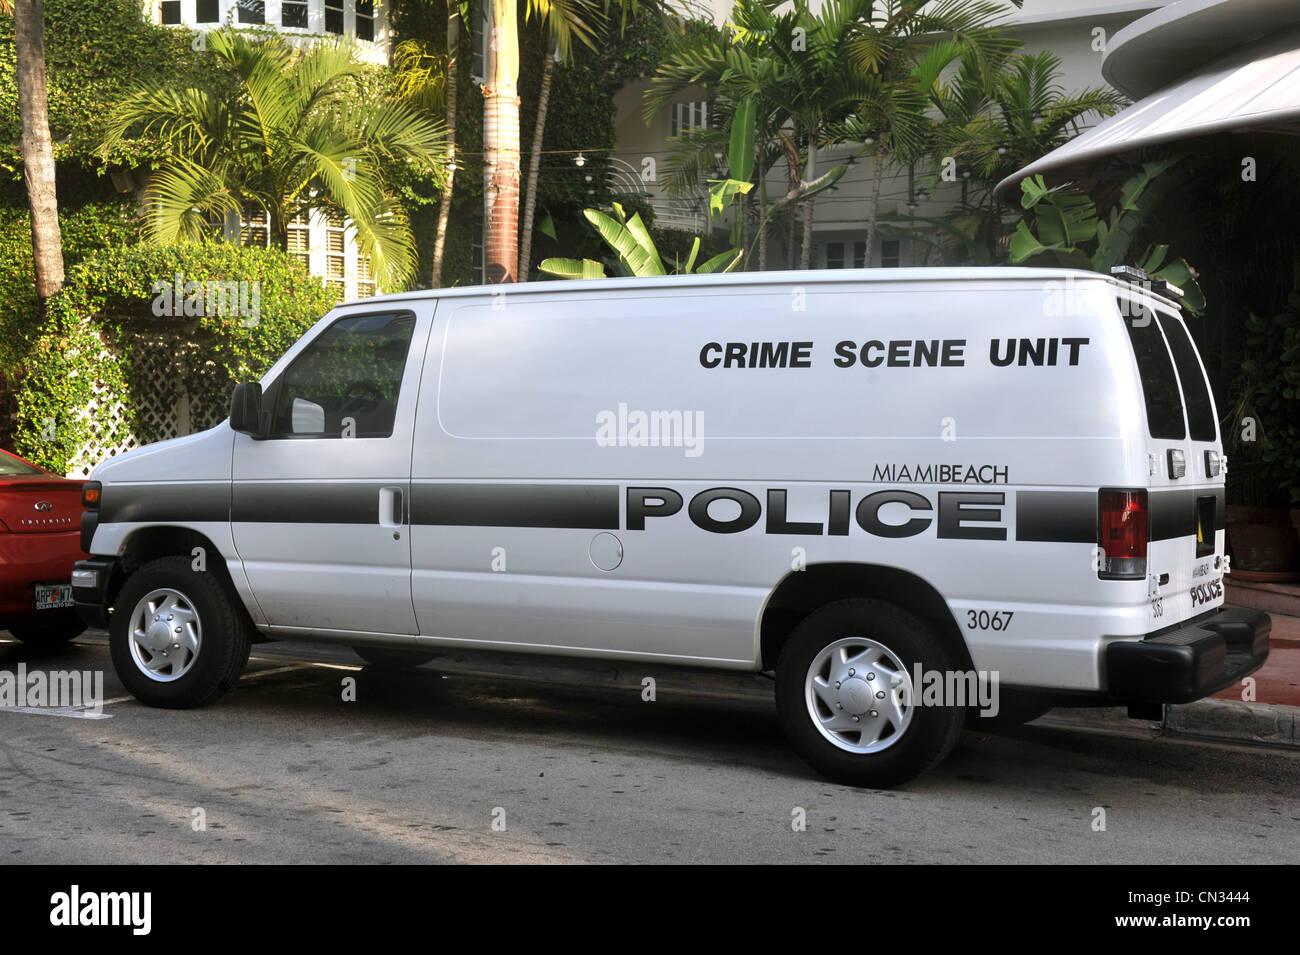 Scena del Crimine polizia unità van, Miami, Florida, Stati Uniti d'America Immagini Stock